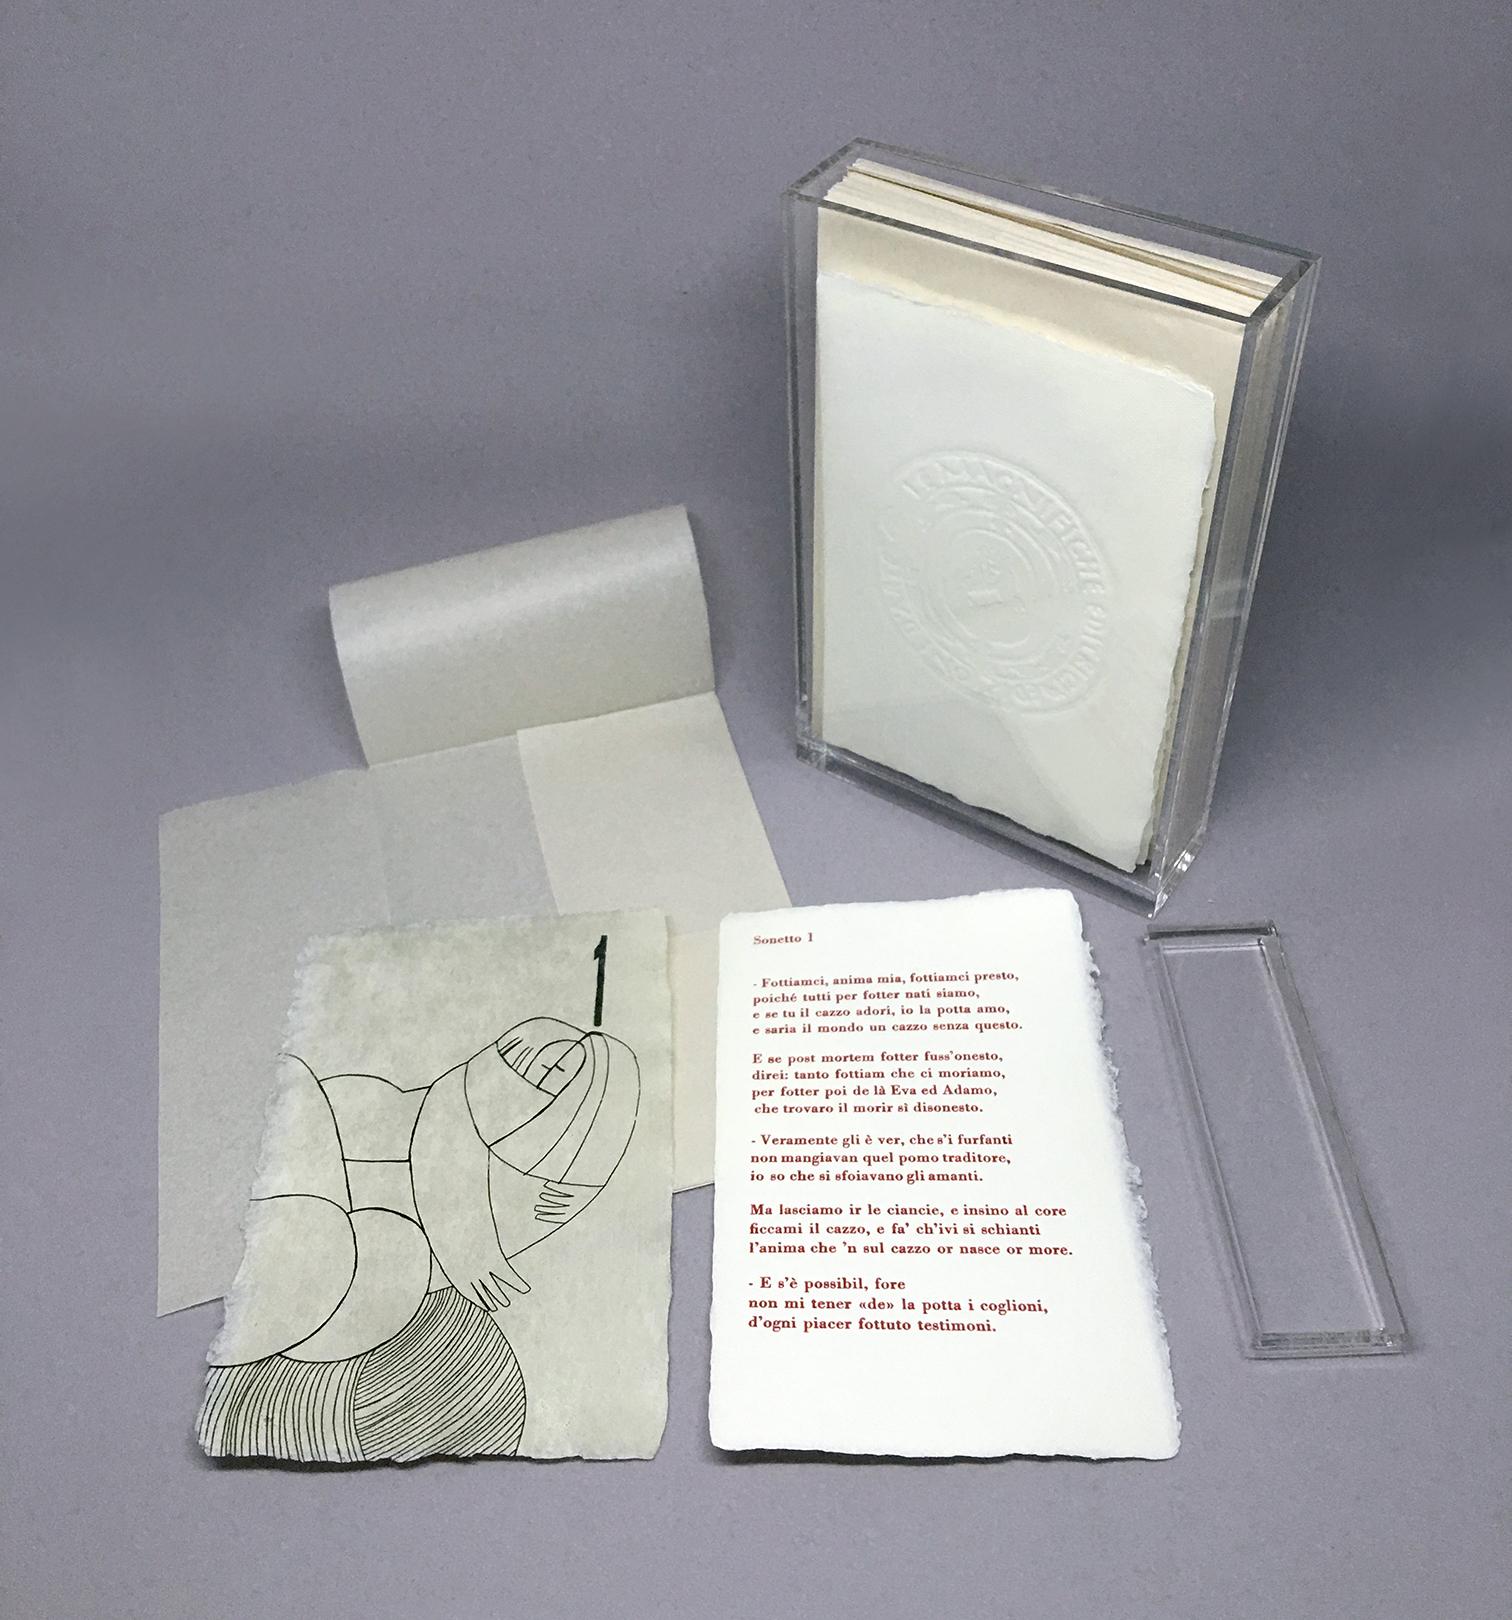 libriartista_sonetti_box